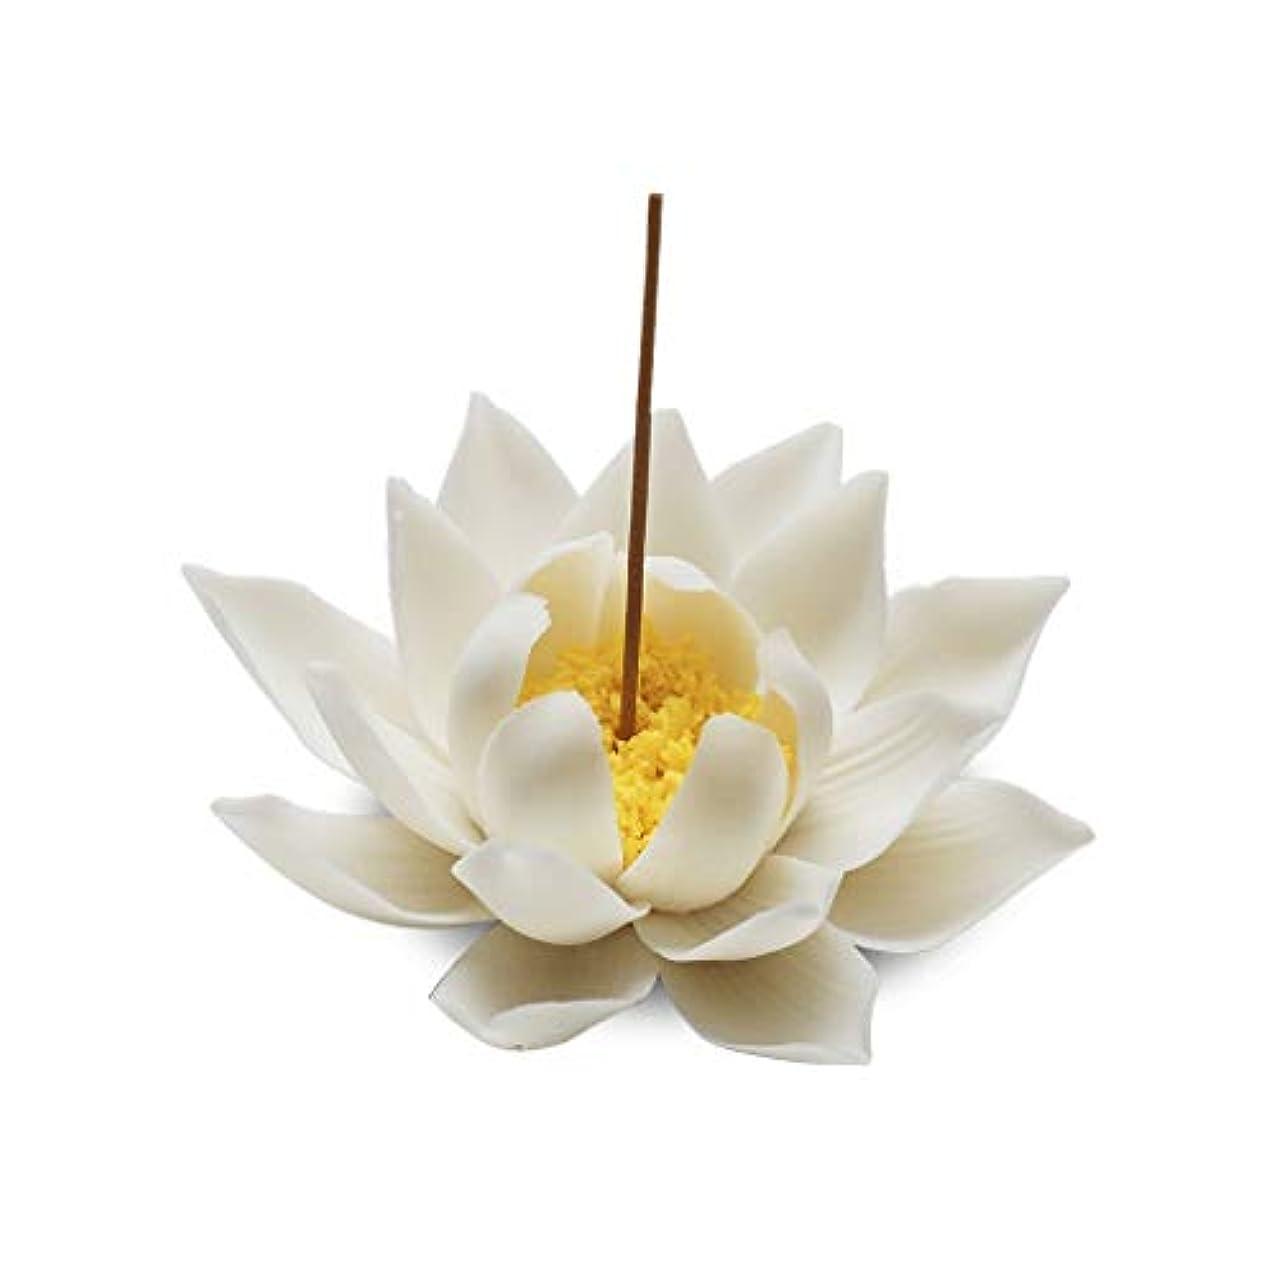 女将批判的にシャンプー芳香器?アロマバーナー セラミック蓮香バーナー家の装飾香スティックホルダー仏教アロマセラピーホームリビングルームの茶屋 芳香器?アロマバーナー (Color : A)